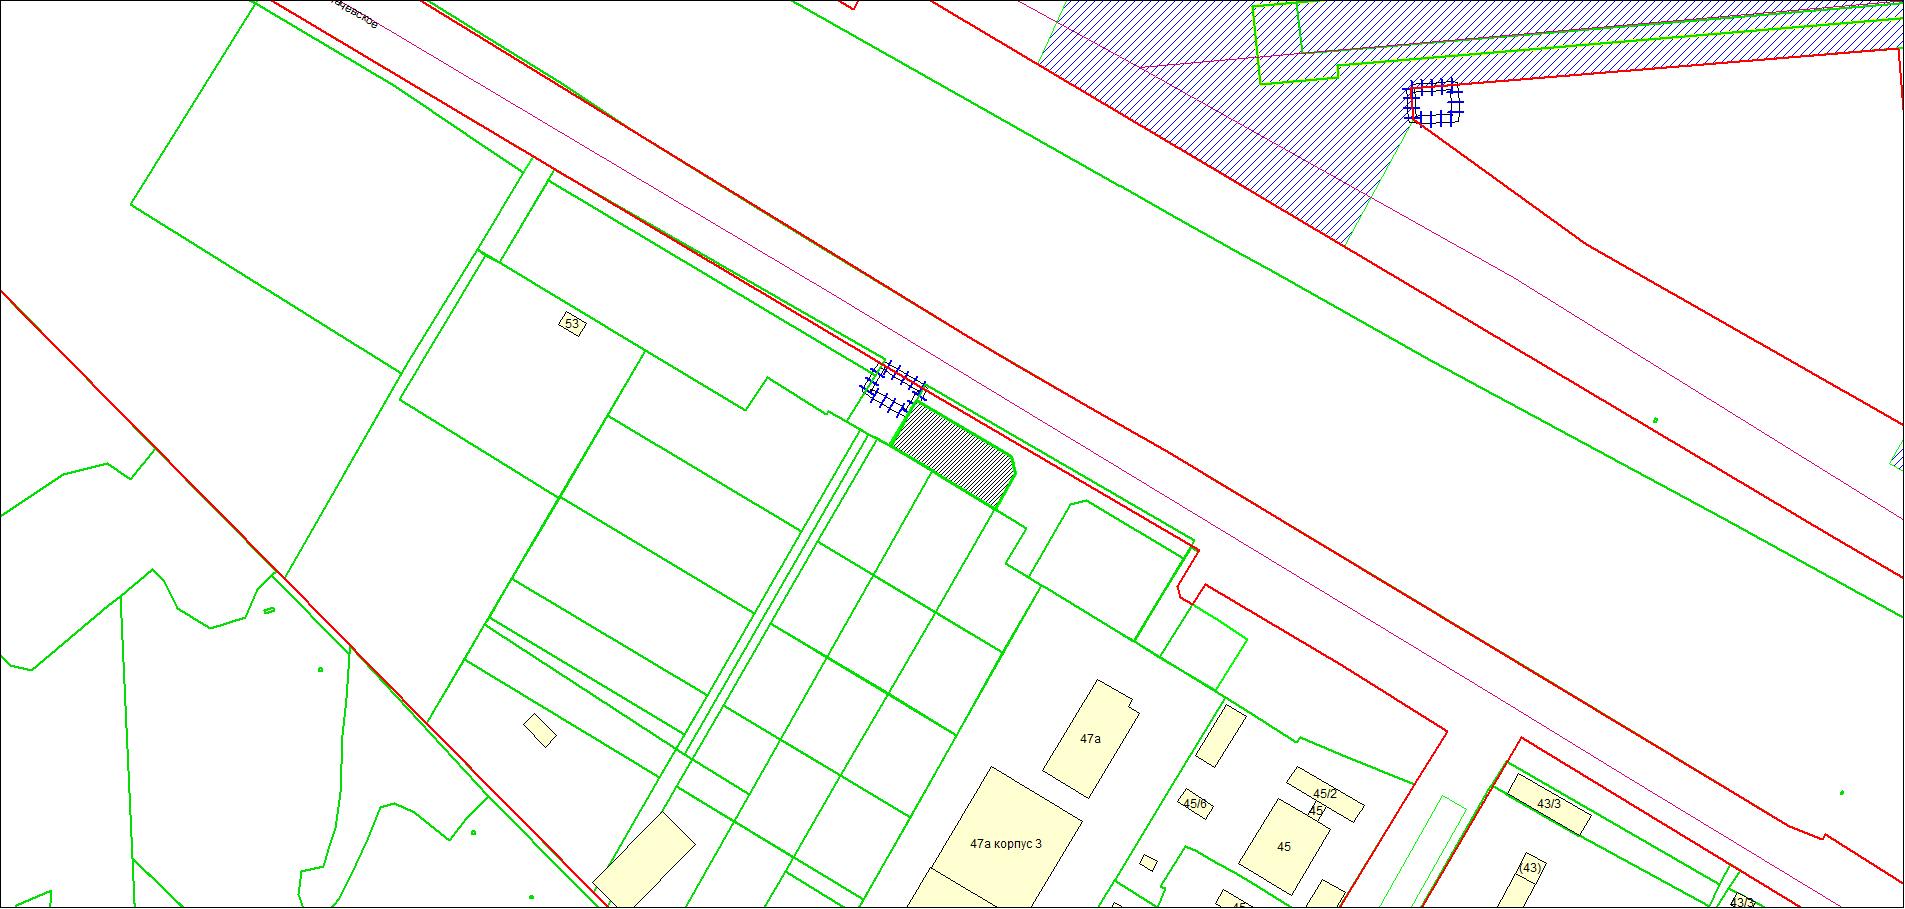 Схема расположения земельного участка площадью 4014 кв. м по адресу: Толмачевское шоссе, 49а Ленинский район